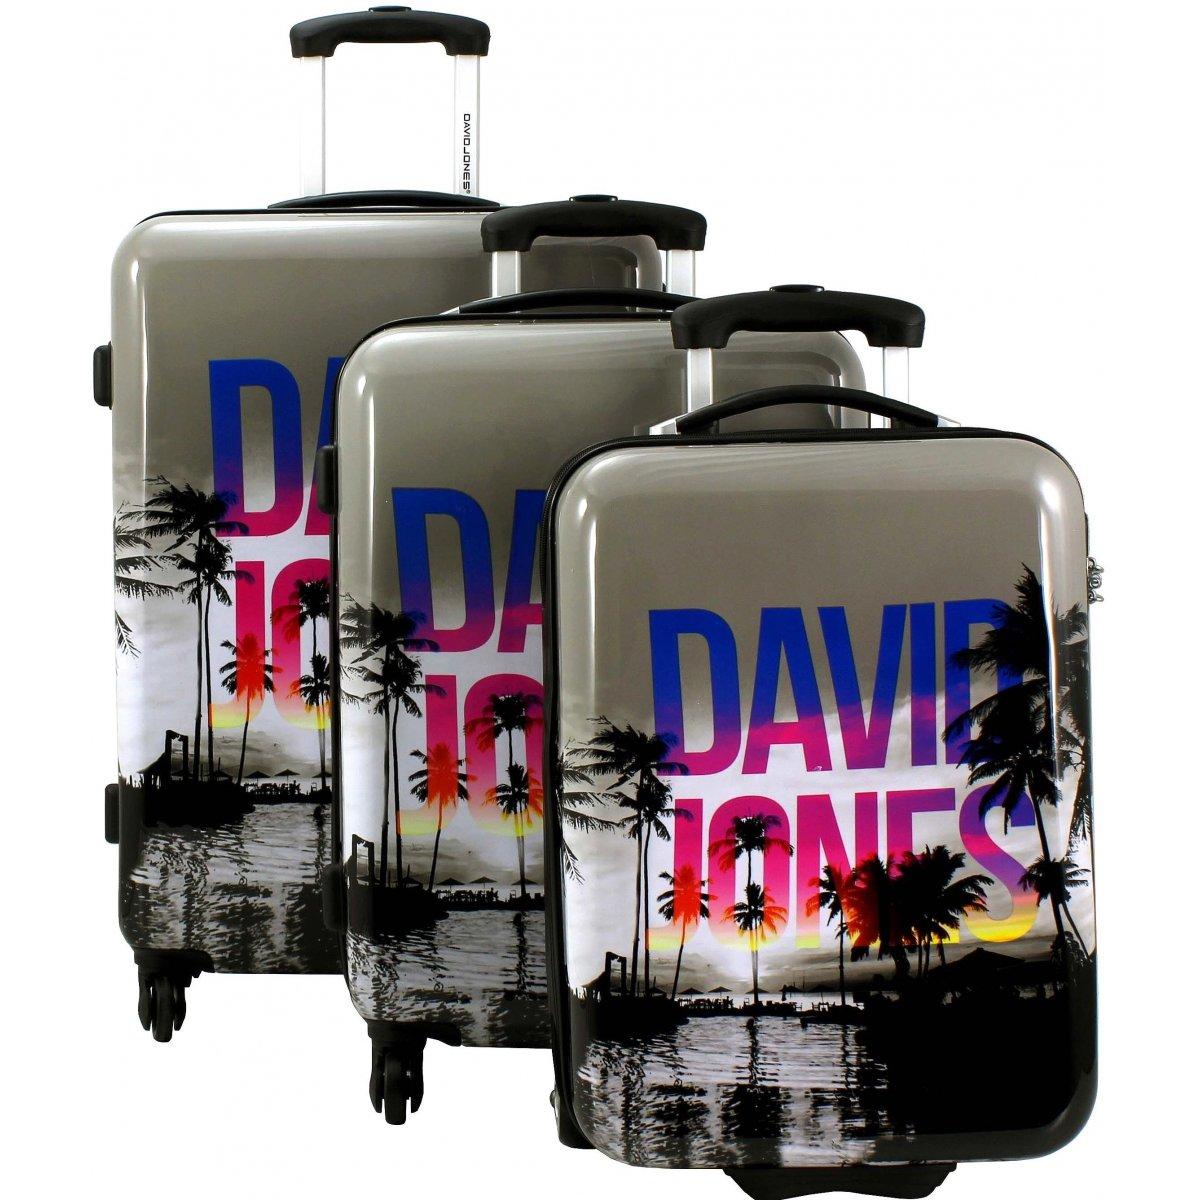 lot 3 valises dont 1 cabine ryanair david jones poly couleur principale palmiers promotion. Black Bedroom Furniture Sets. Home Design Ideas